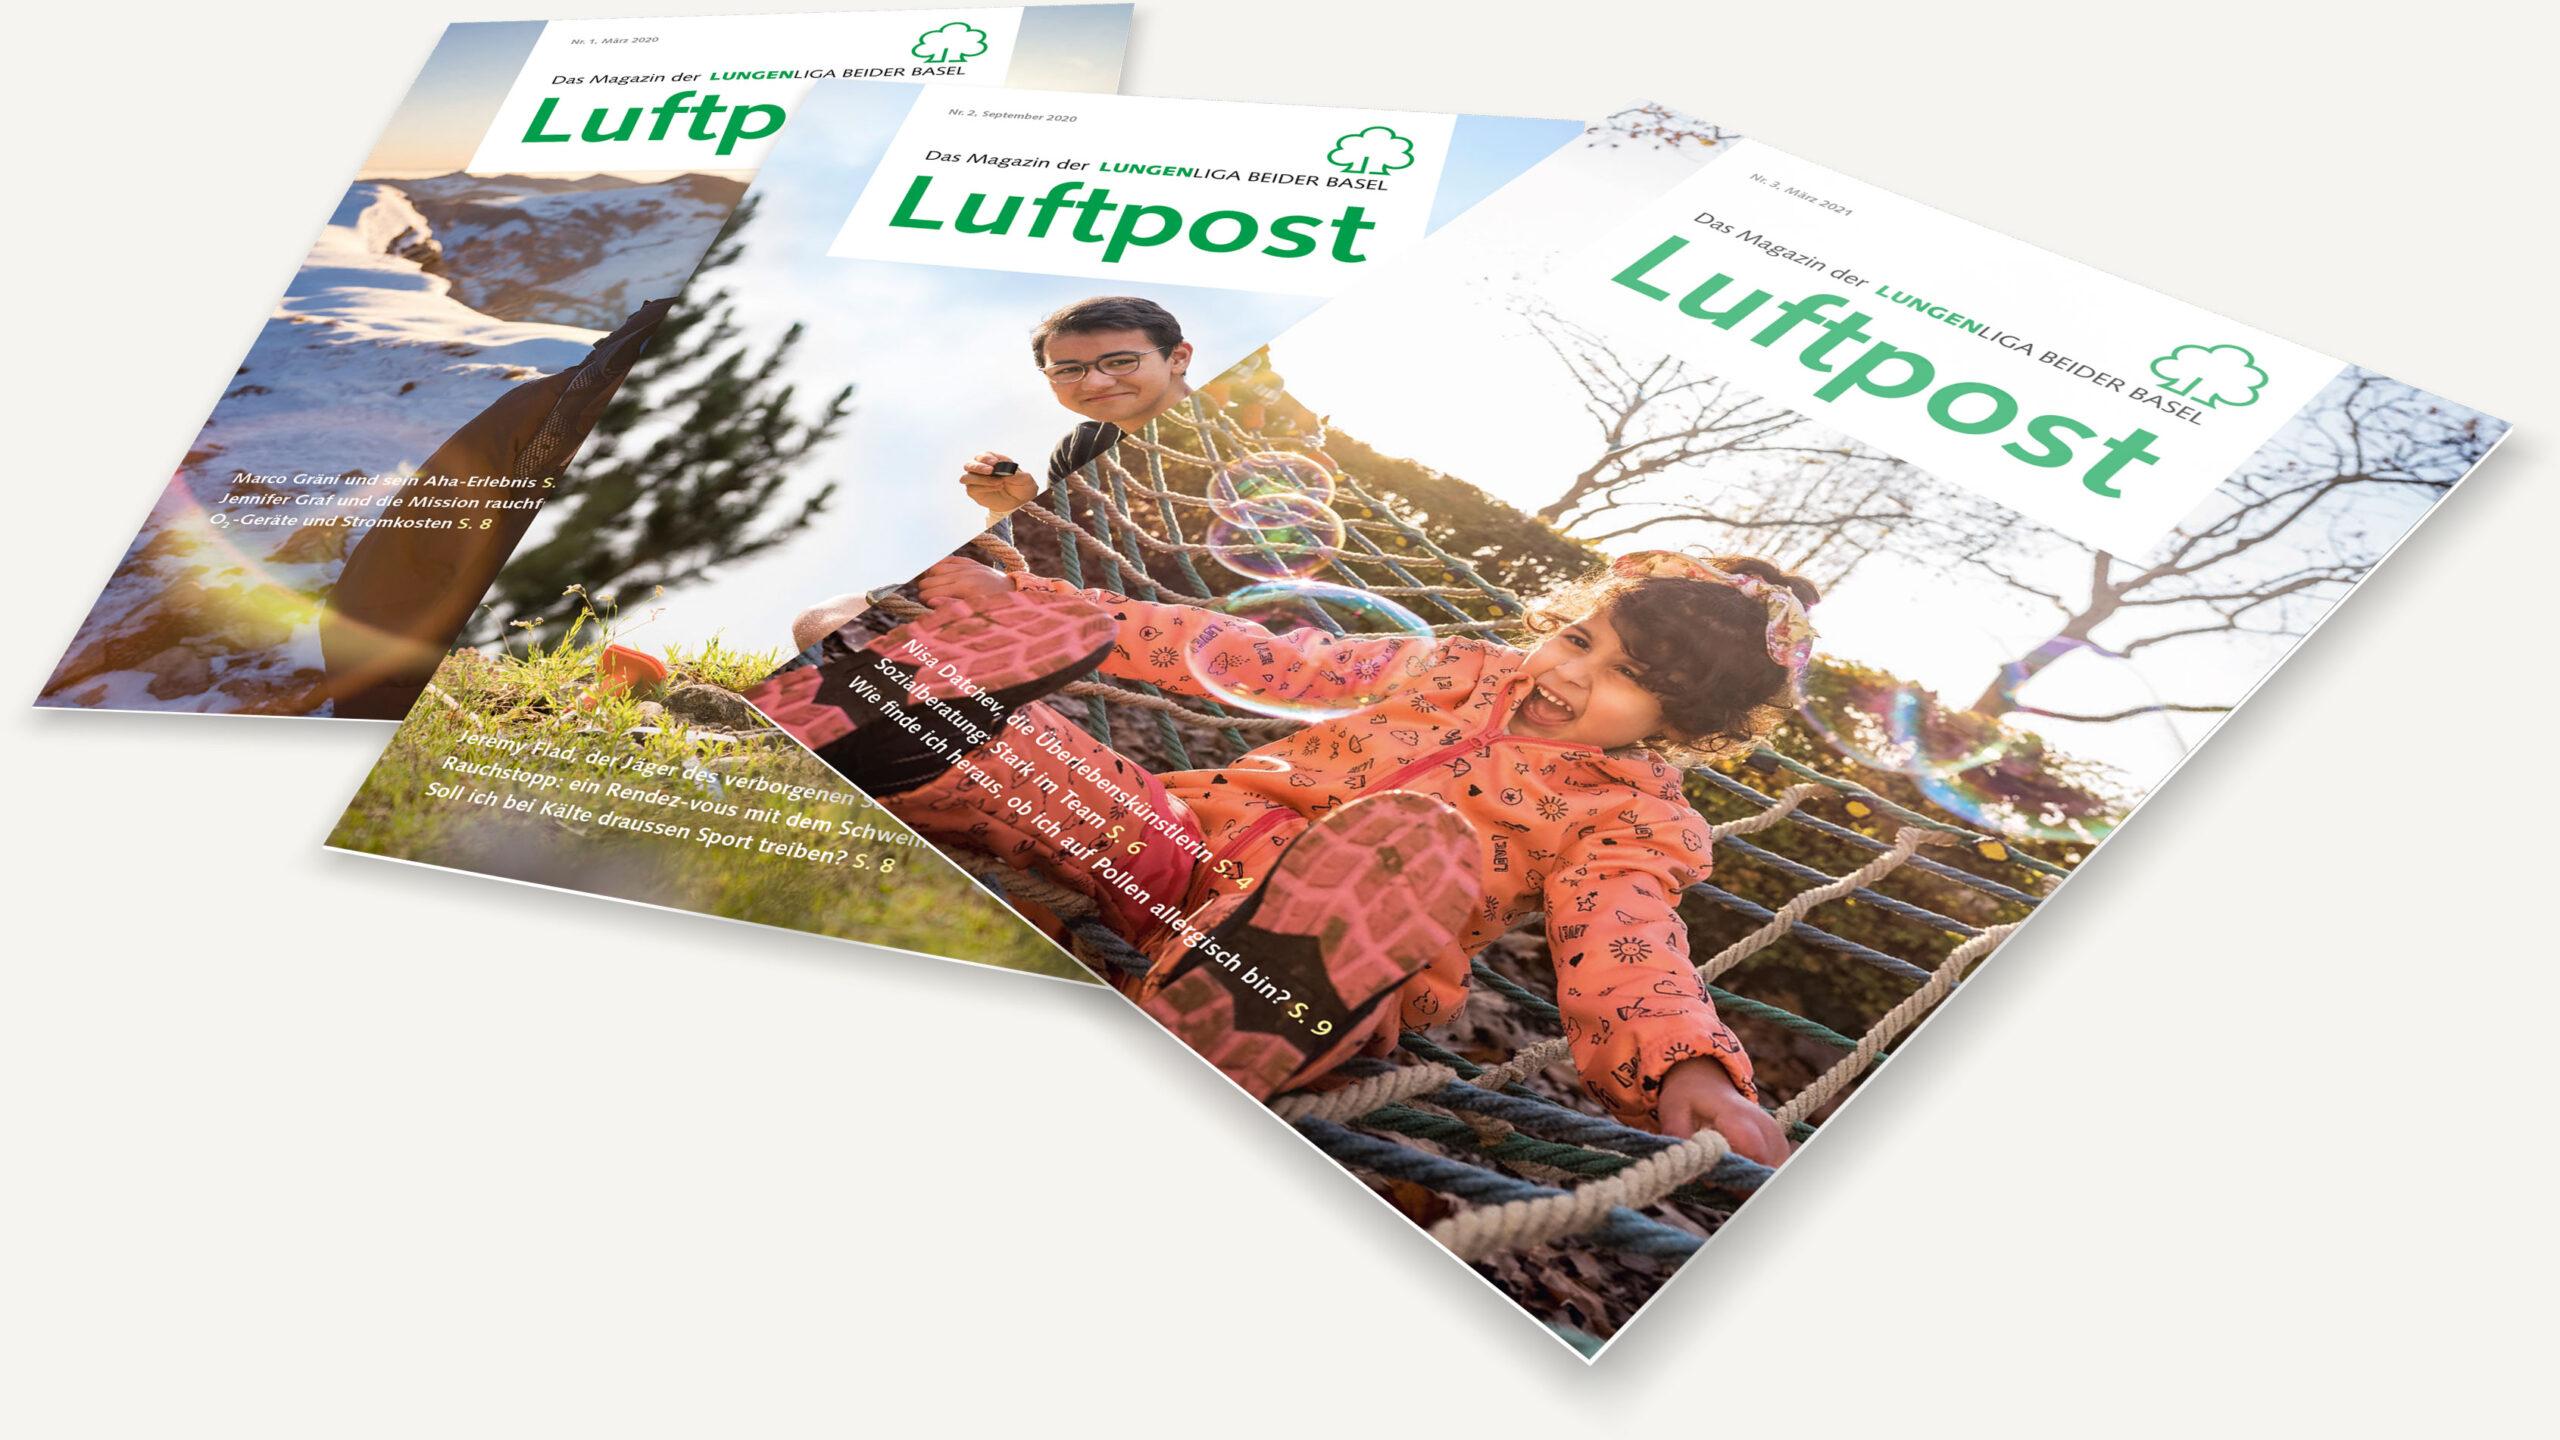 covers-luftpost-main